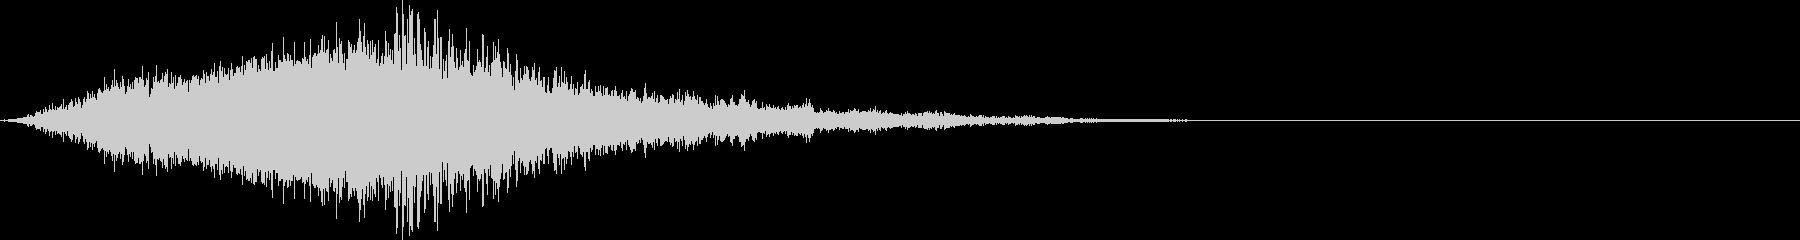 シューどーん:迫力の上昇していく音2の未再生の波形